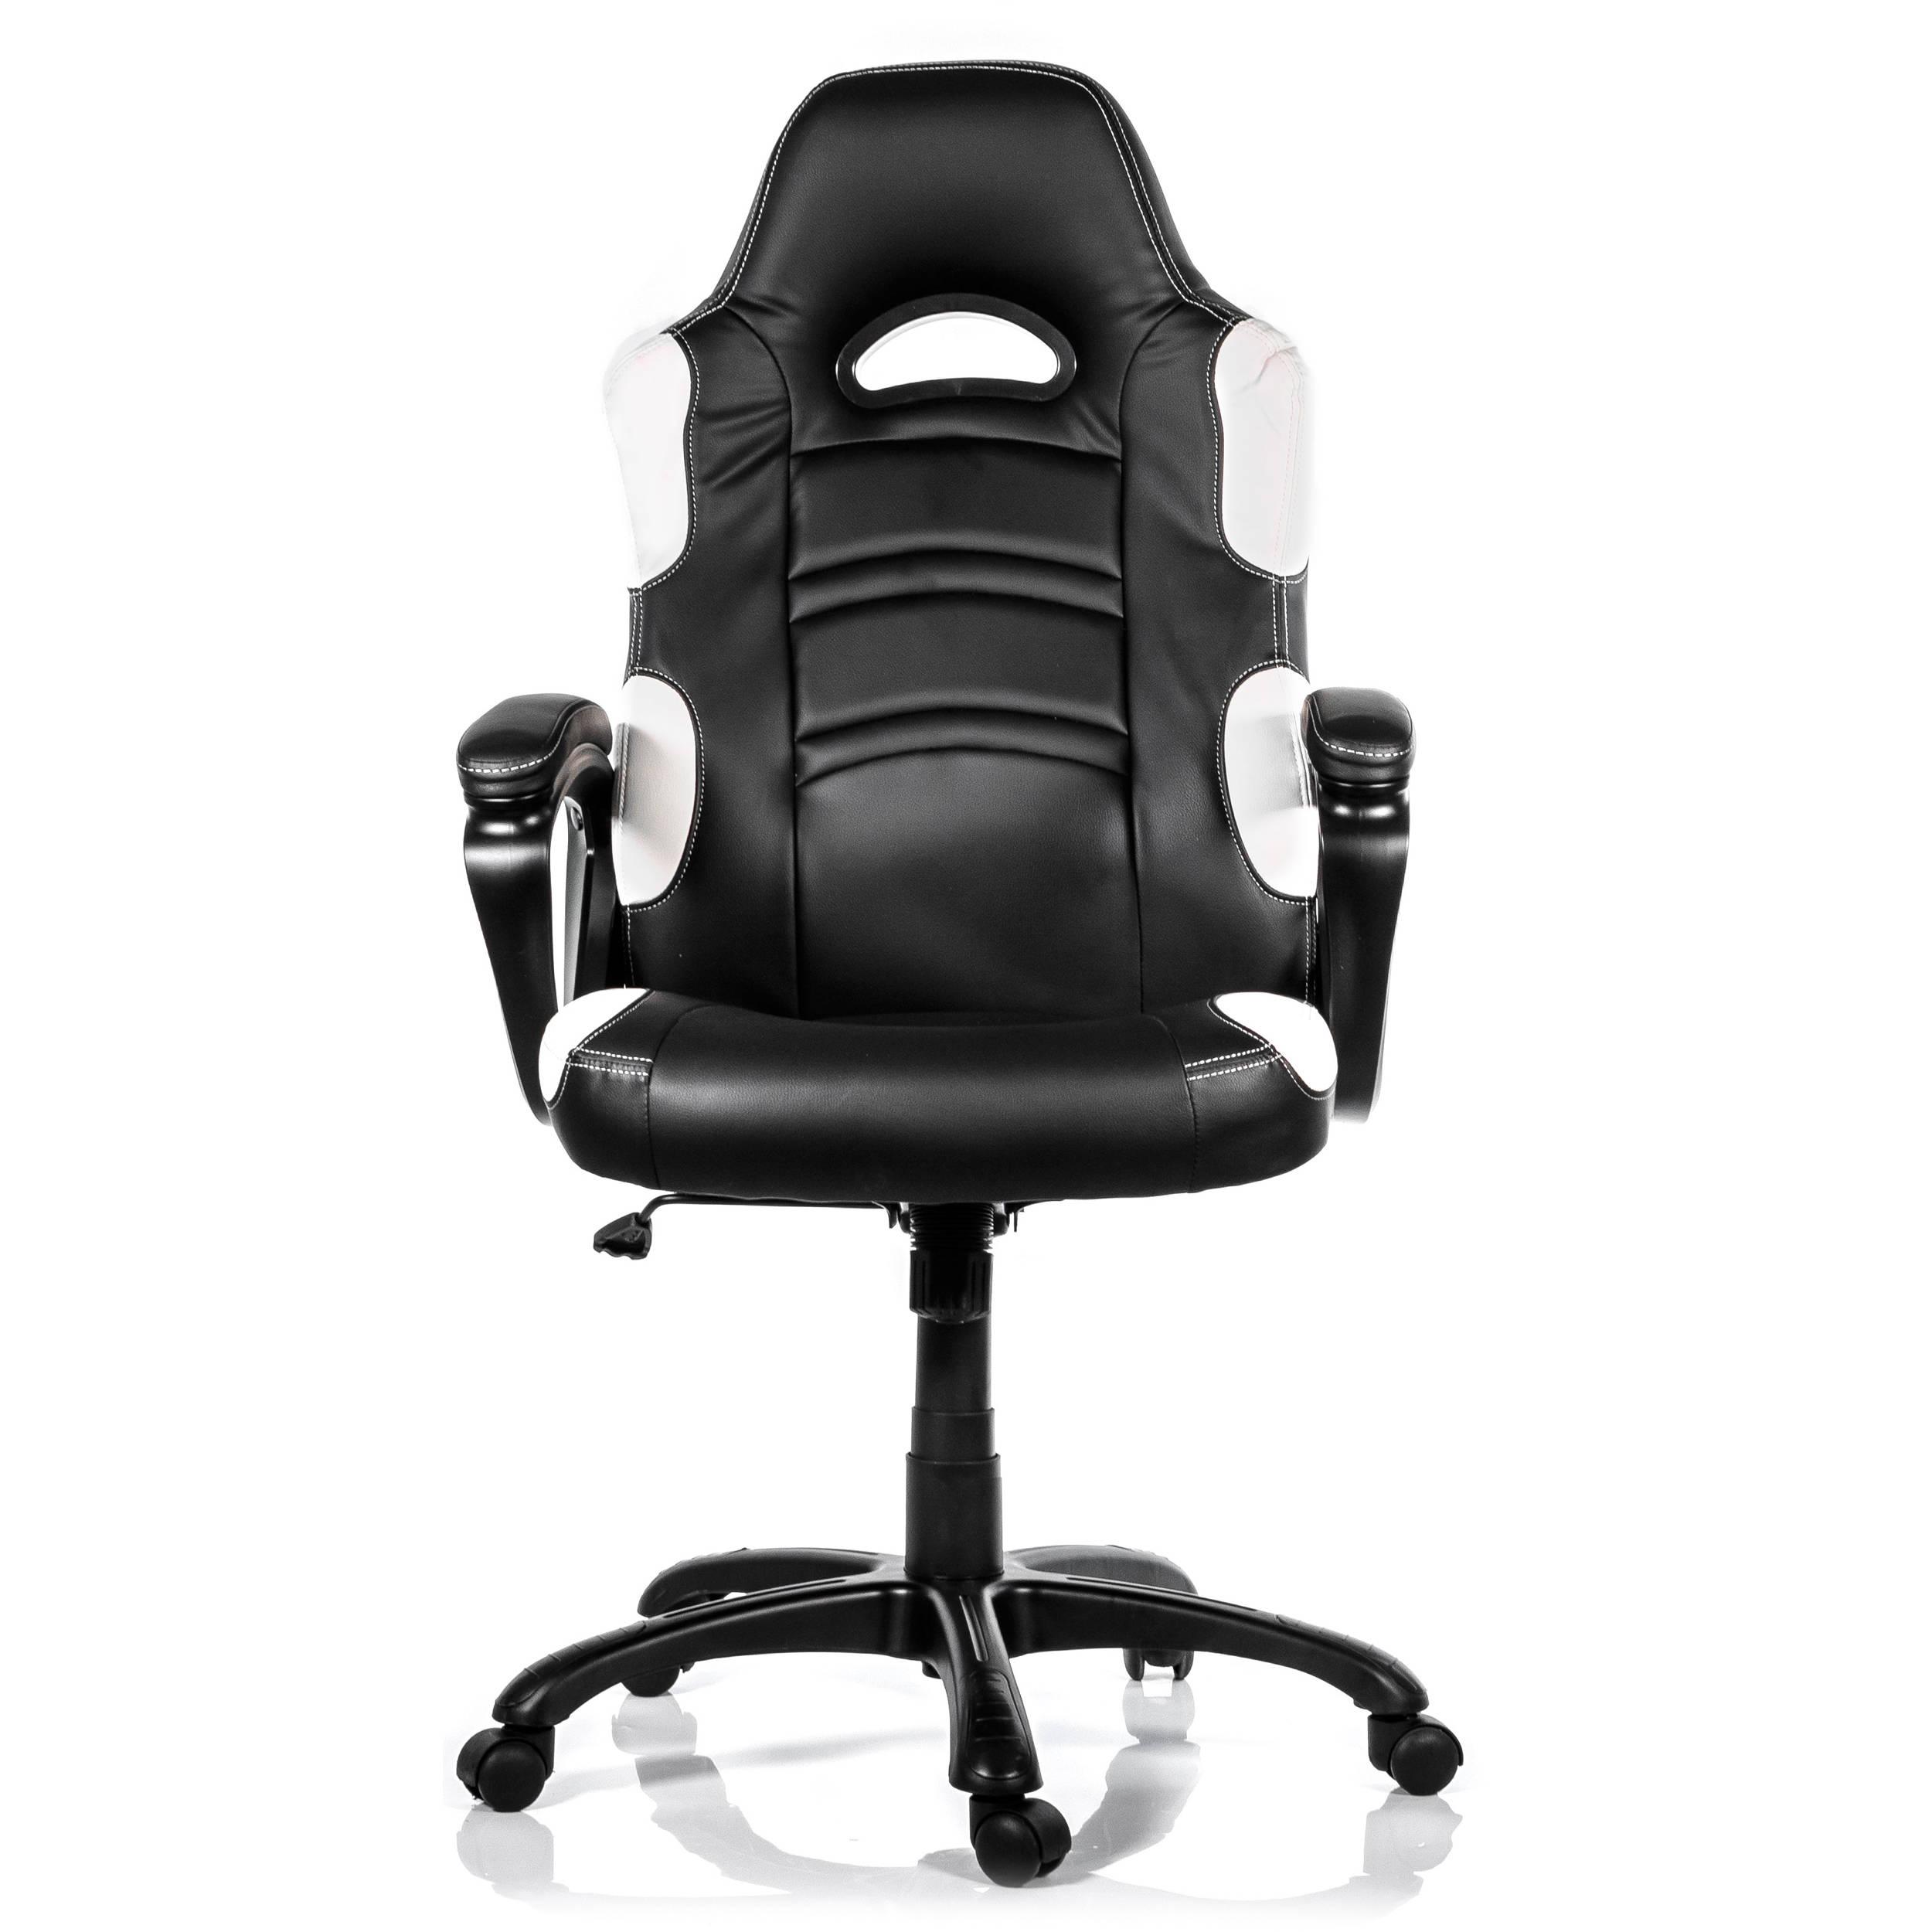 wh gunlocke chair grey club arozzi enzo gaming white b andh photo video